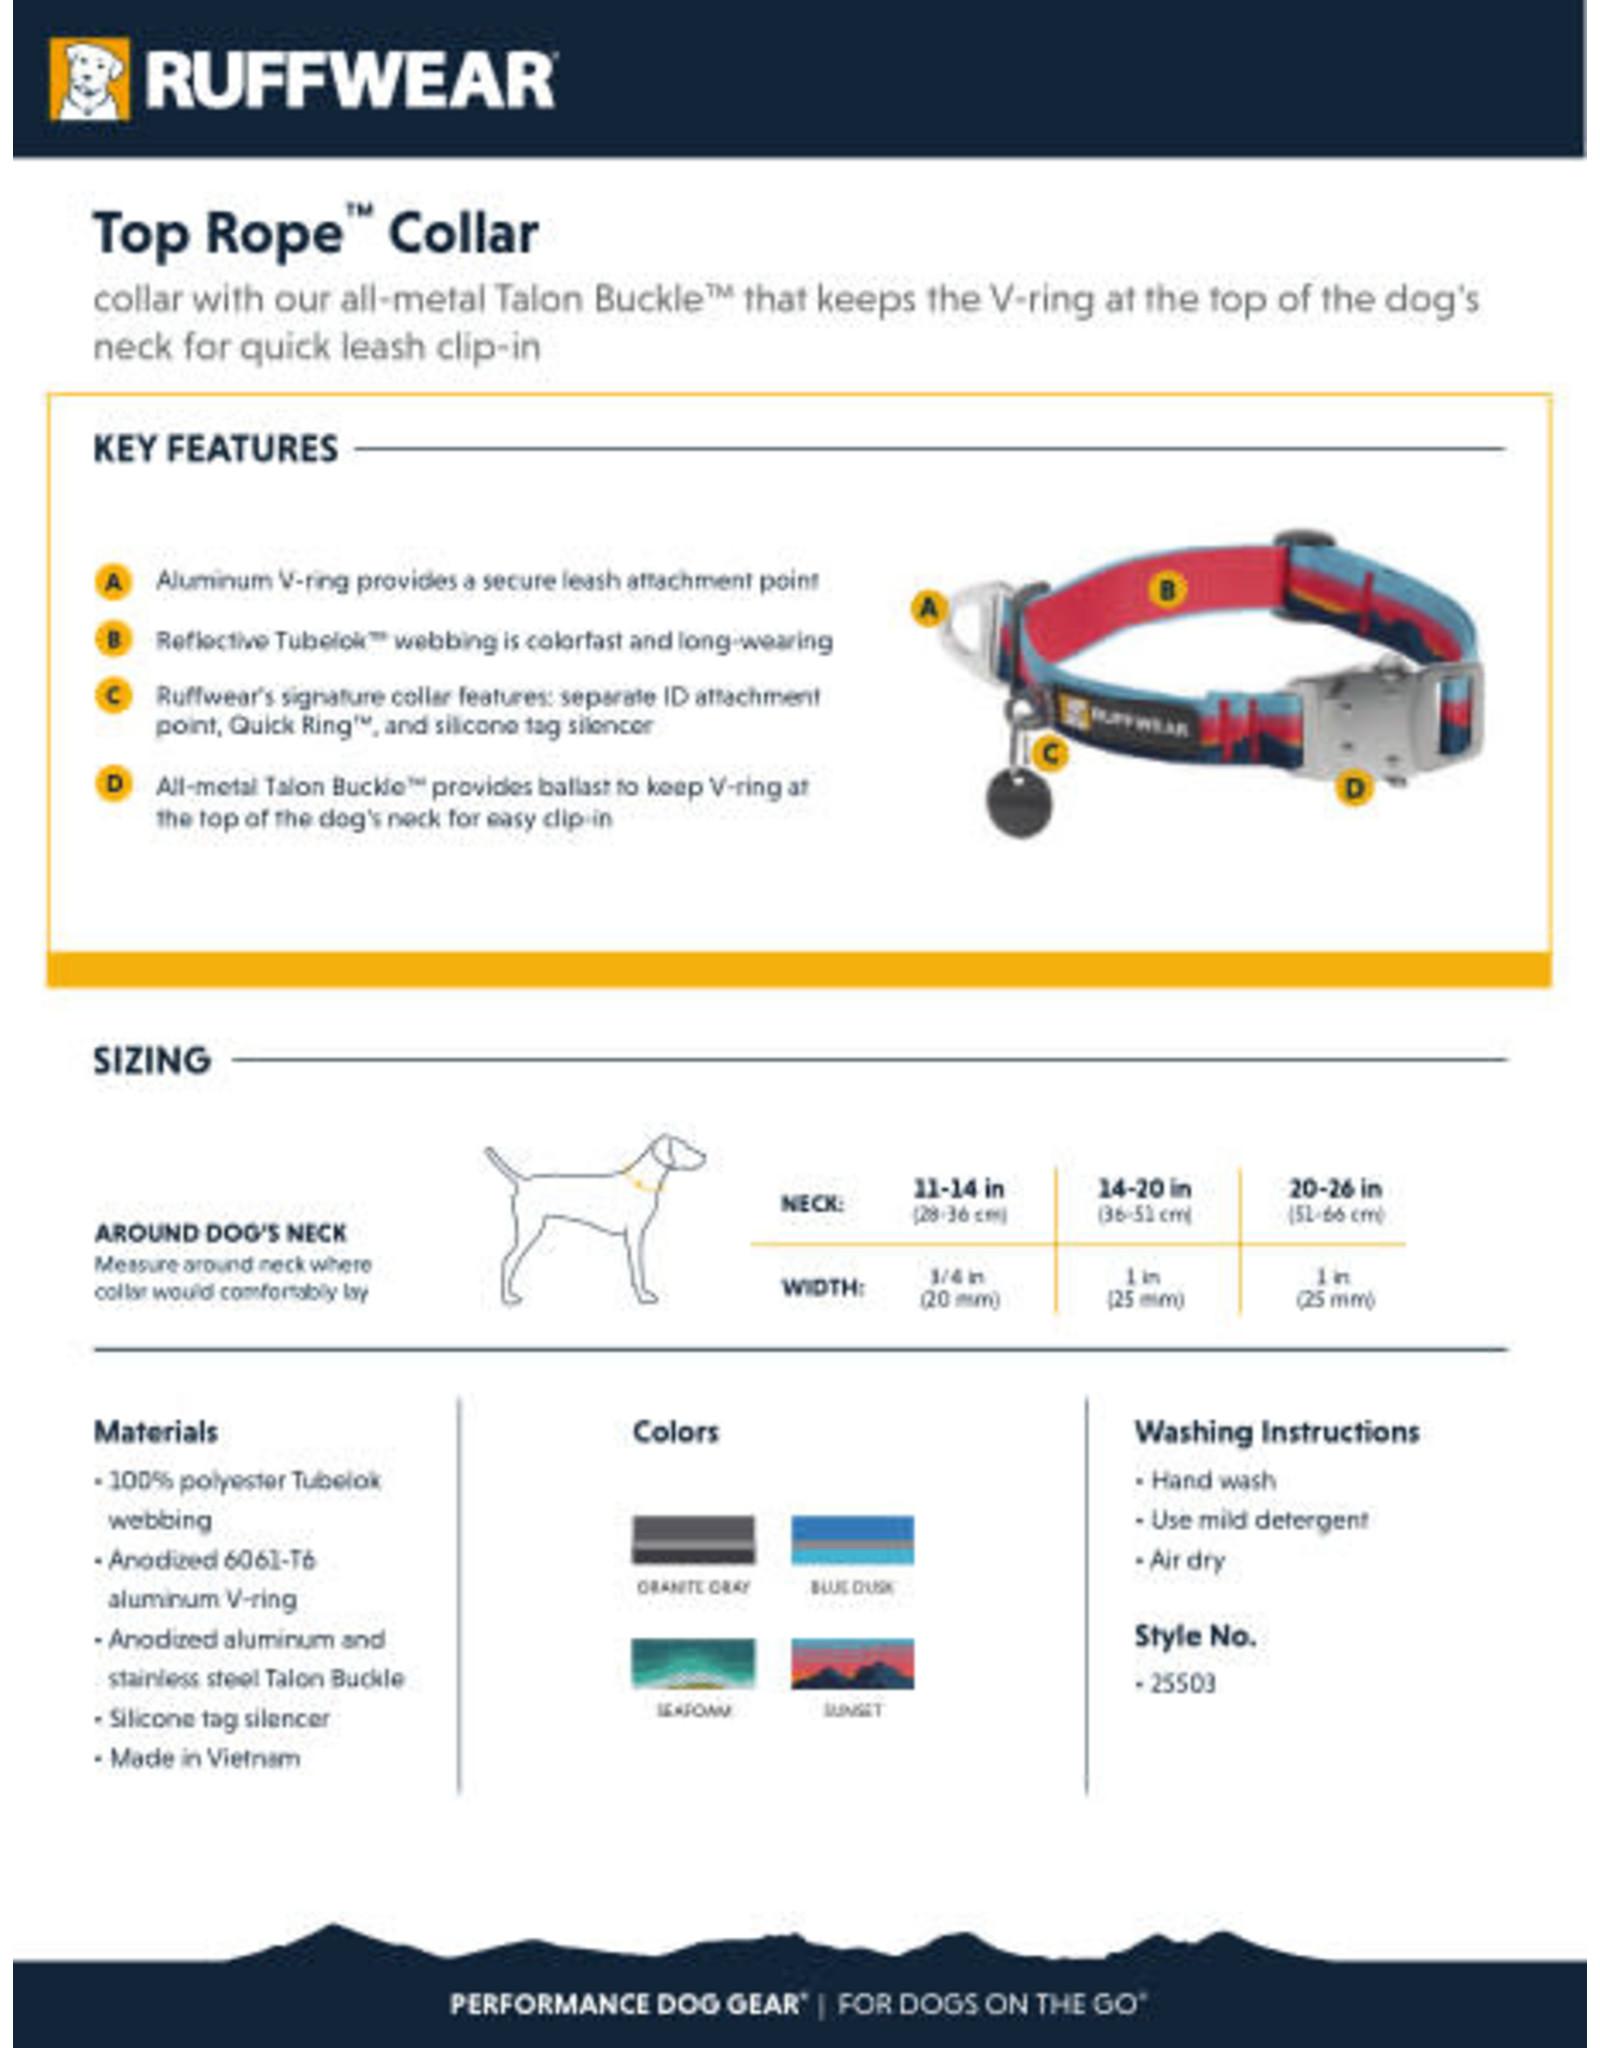 Ruffwear Top Rope Collar: Seafoam, 11 - 14 in